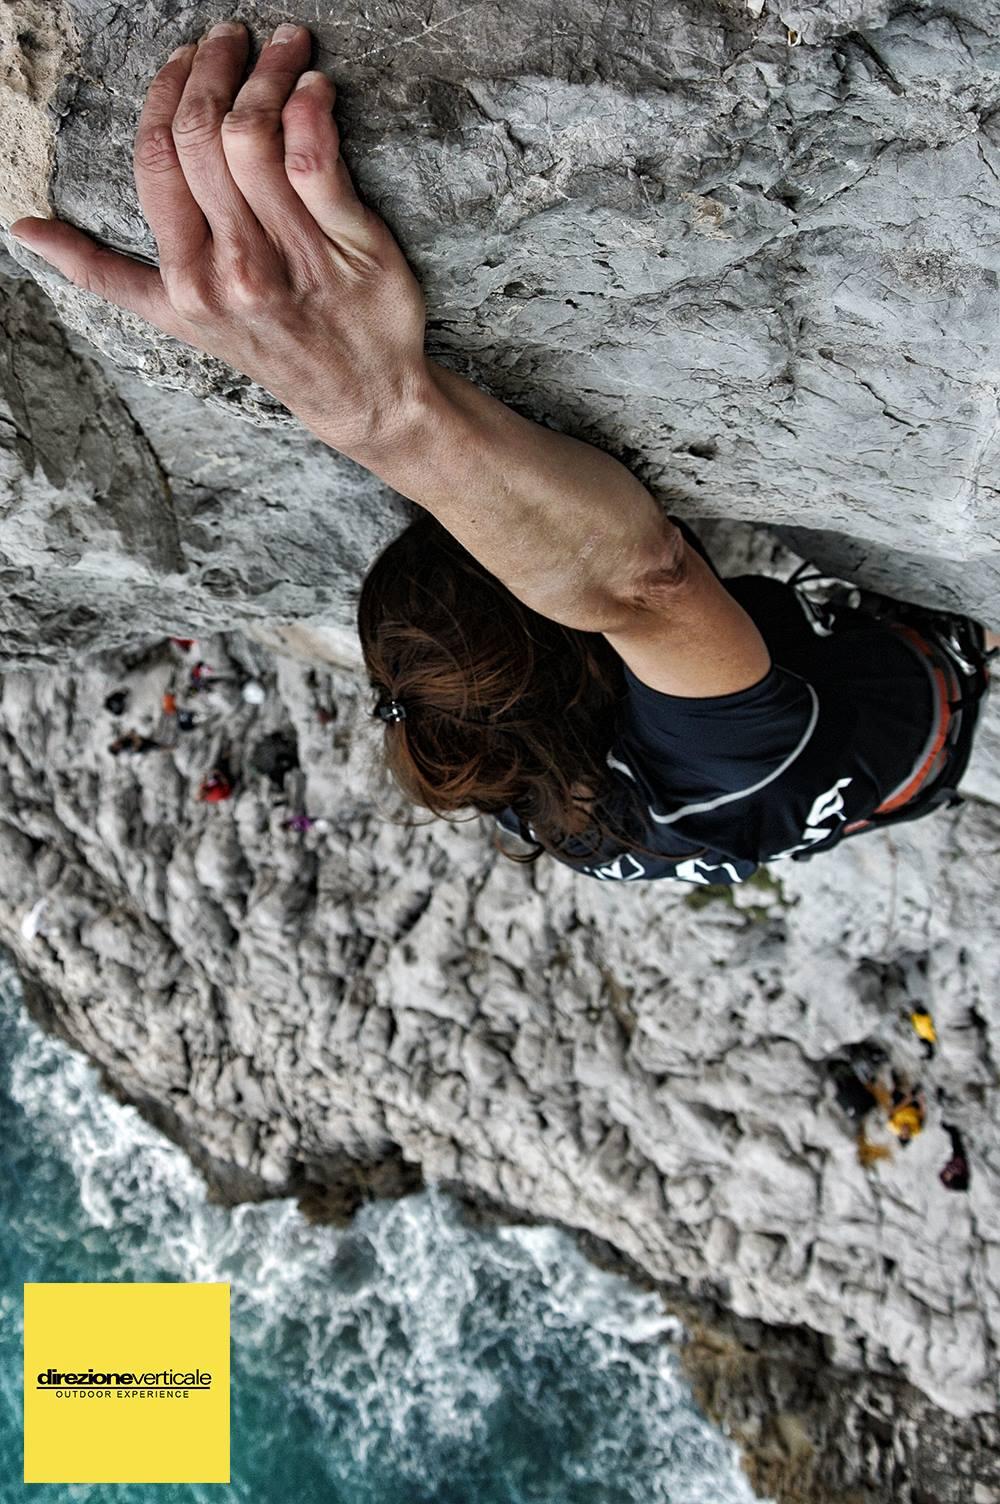 Nuove vie di arrampicata a Punta Campanella (Napoli